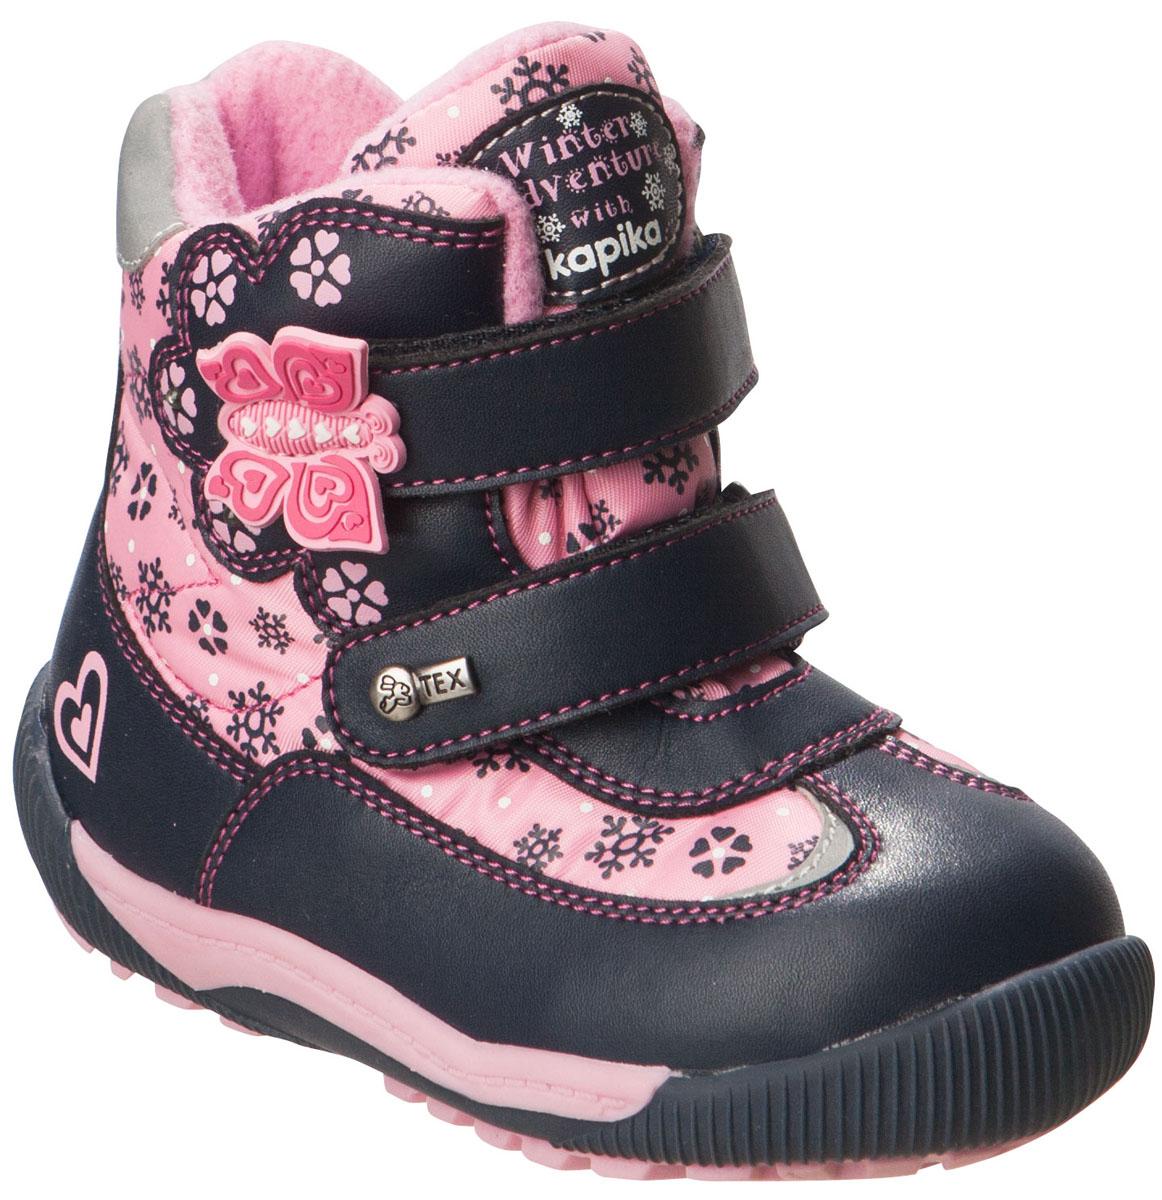 Ботинки для девочки Kapika, цвет: темно-синий, розовый. 41154-1. Размер 2241154-1Удобные высокие ботинки от Kapika придутся по душе вашей дочурке!Модель изготовлена из искусственной кожи и плотного текстиля с применением мембраны. Мембранная обувь называется дышащей, защищает от влаги, своевременно отводит естественные испарения тела и сохраняет комфортный микроклимат при ношении.Изделие оформлено принтом с изображением снежинок и цветов, прострочкой, на язычке - фирменной нашивкой, на ремешках - объёмной аппликацией из ПВХ виде бабочки и металлическим элементом логотипа бренда. Два ремешка на застежках-липучках надежно фиксируют изделие на ноге. Мягкая подкладка и стелька исполненные из текстиля, на 80% состоящего из натурального овечьего шерстяного меха, обеспечивают тепло и надежно защищают от холода. Рифление на подошве гарантирует идеальное сцепление с любыми поверхностями.Стильные ботинки займут достойное место в гардеробе вашего ребенка, они идеально подойдут для теплой зимы, а также поздней осени и ранней весны.